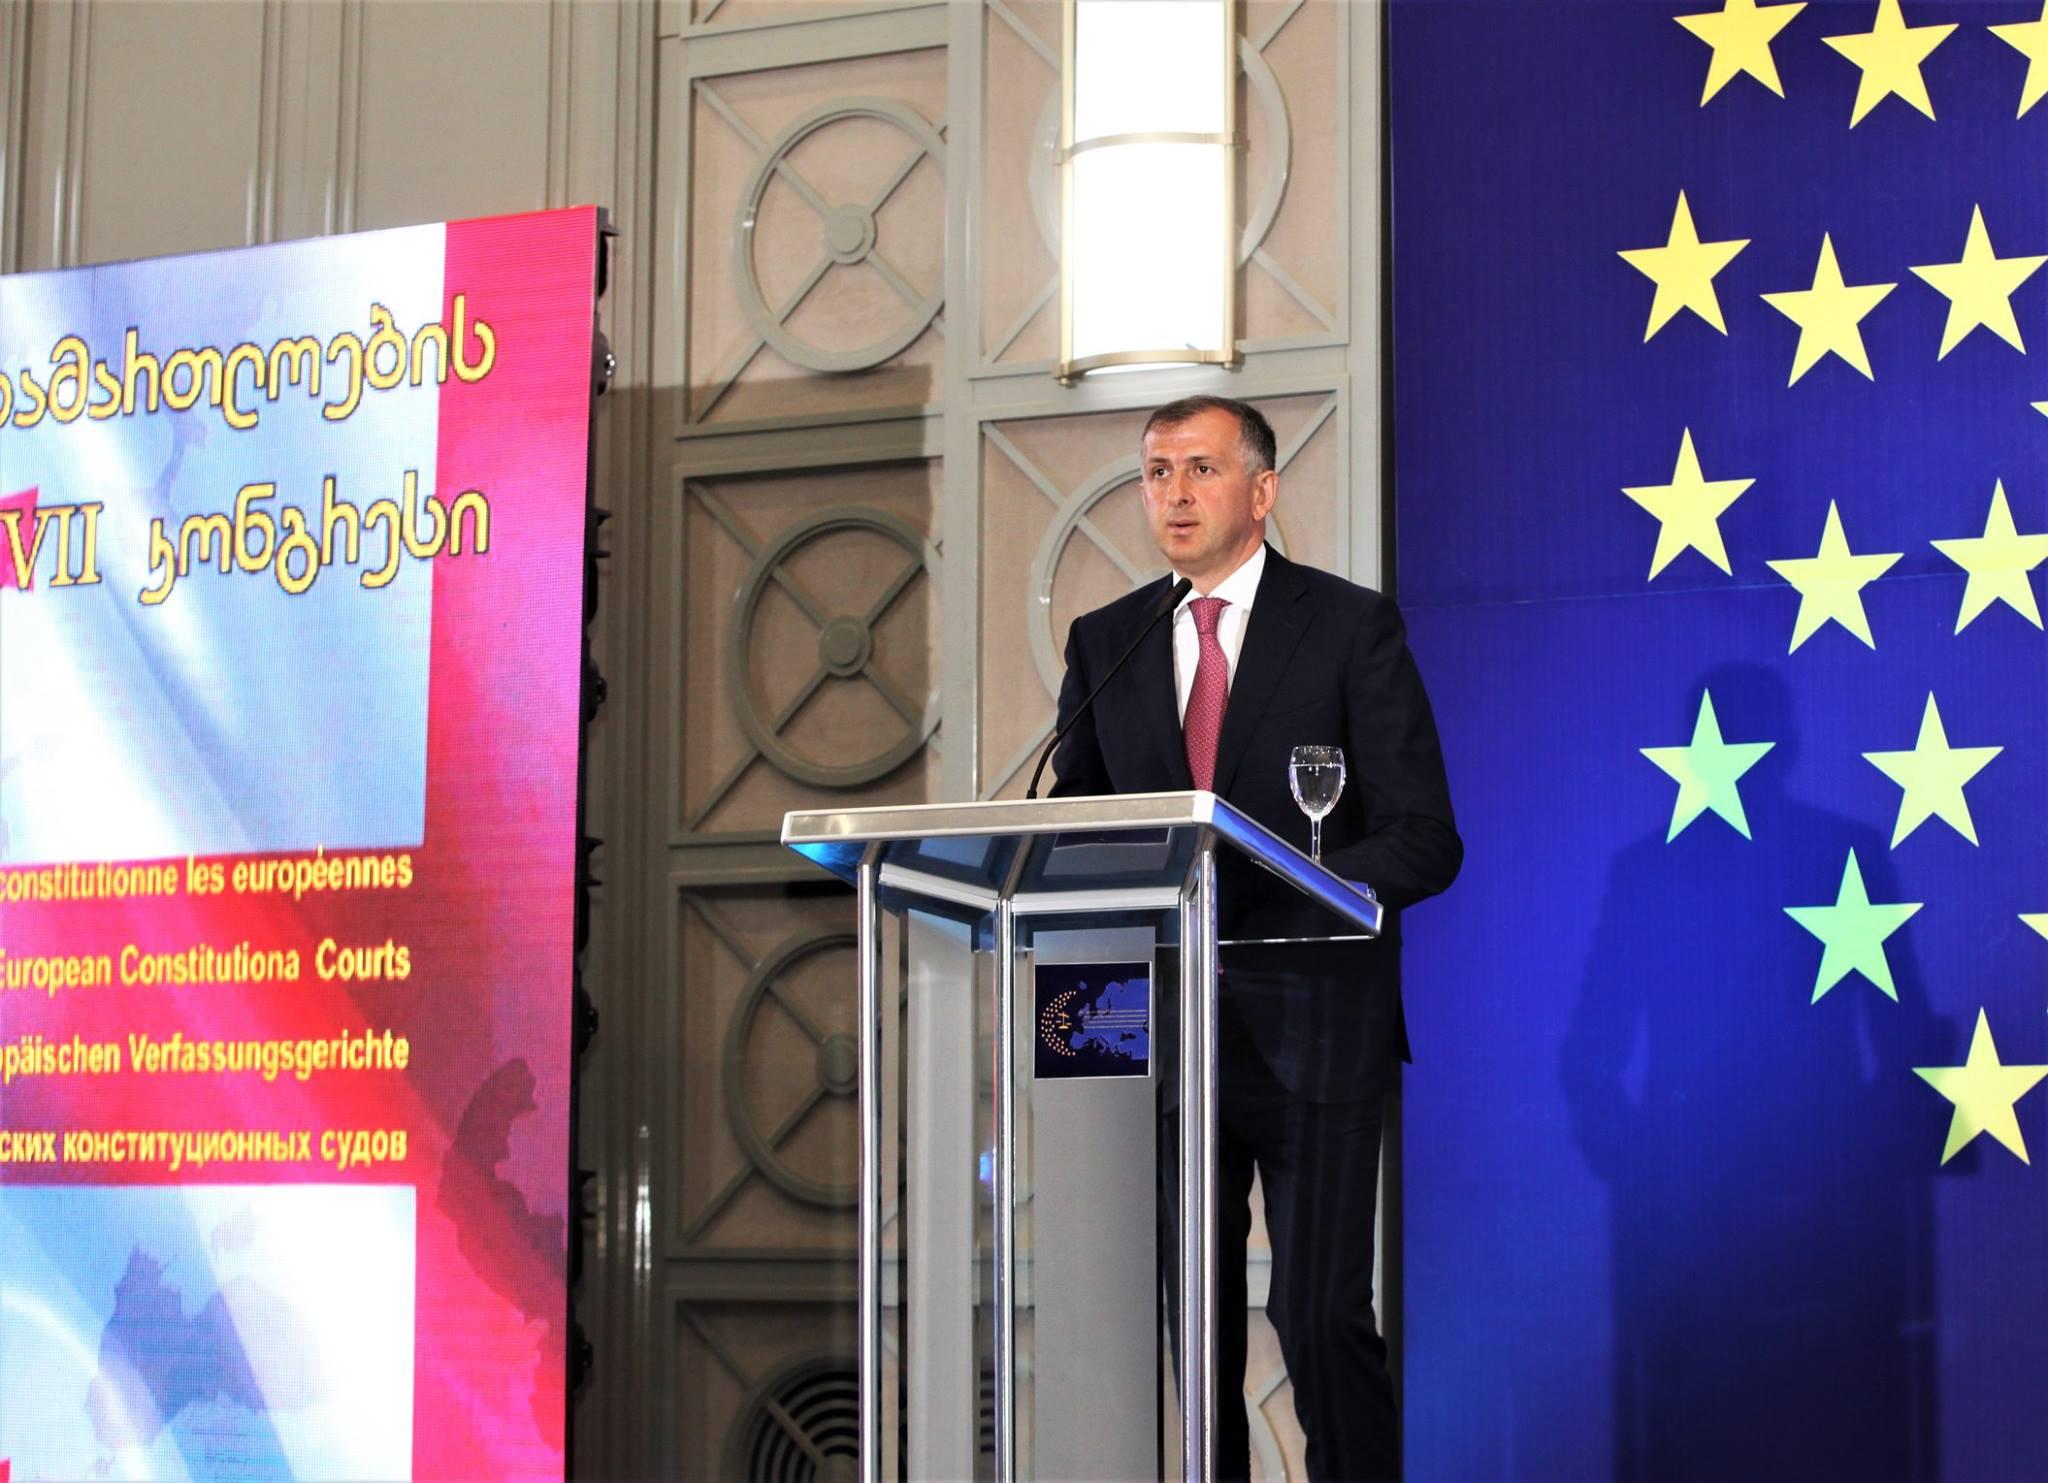 ევროპის საკონსტიტუციო სასამართლოების მე-17 კონგრესი ბათუმში